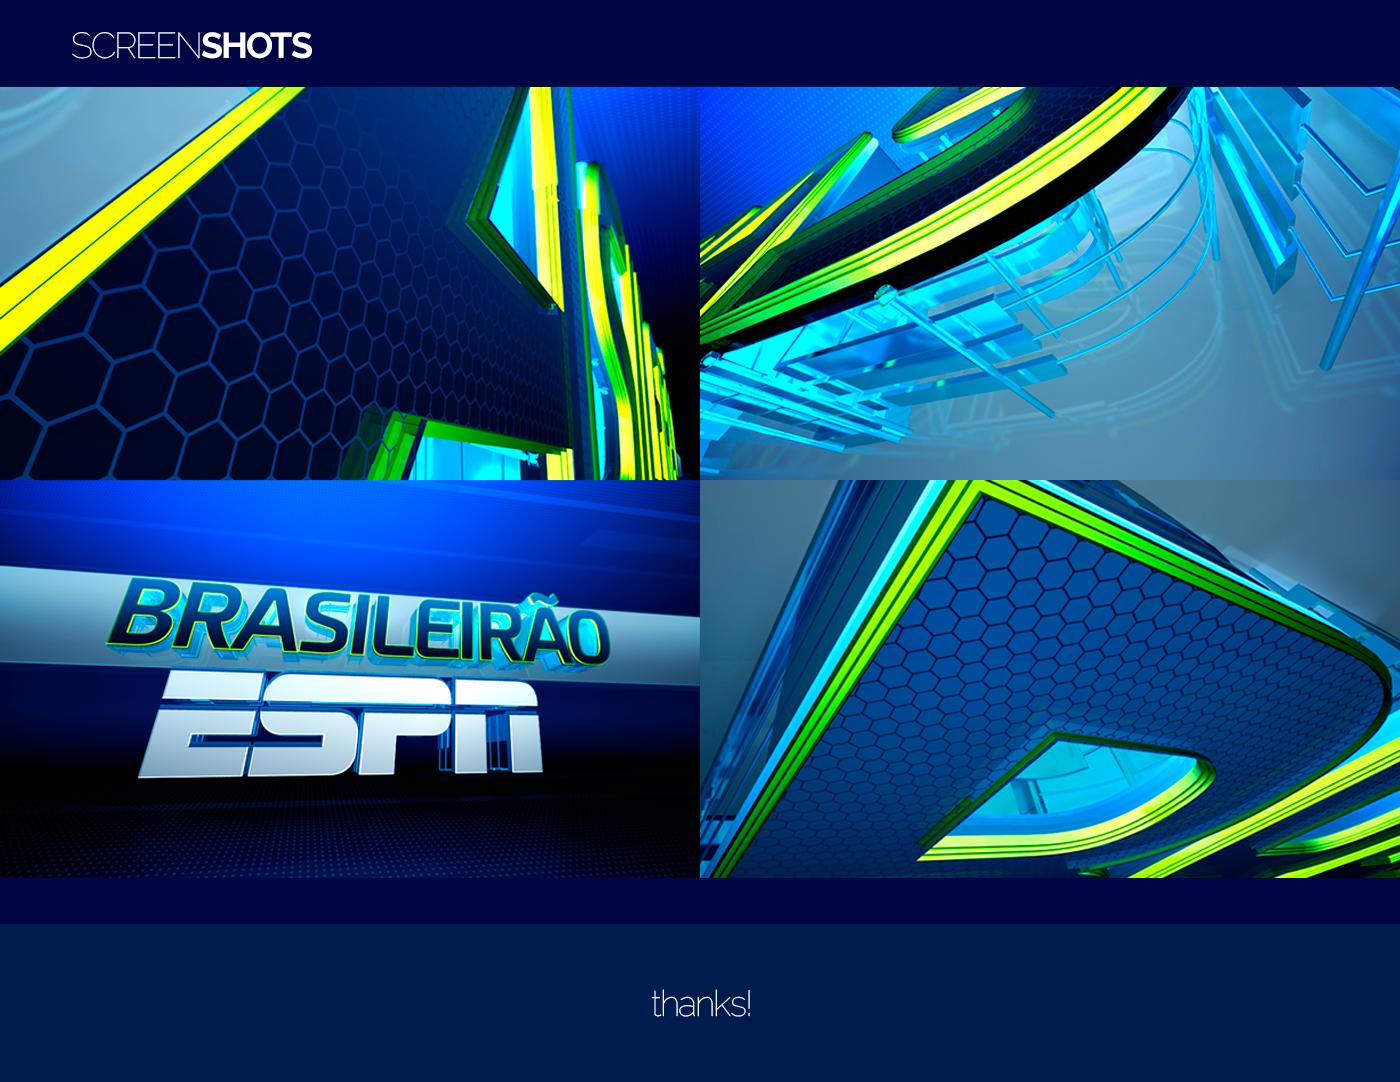 ESPN soccer broadcasting